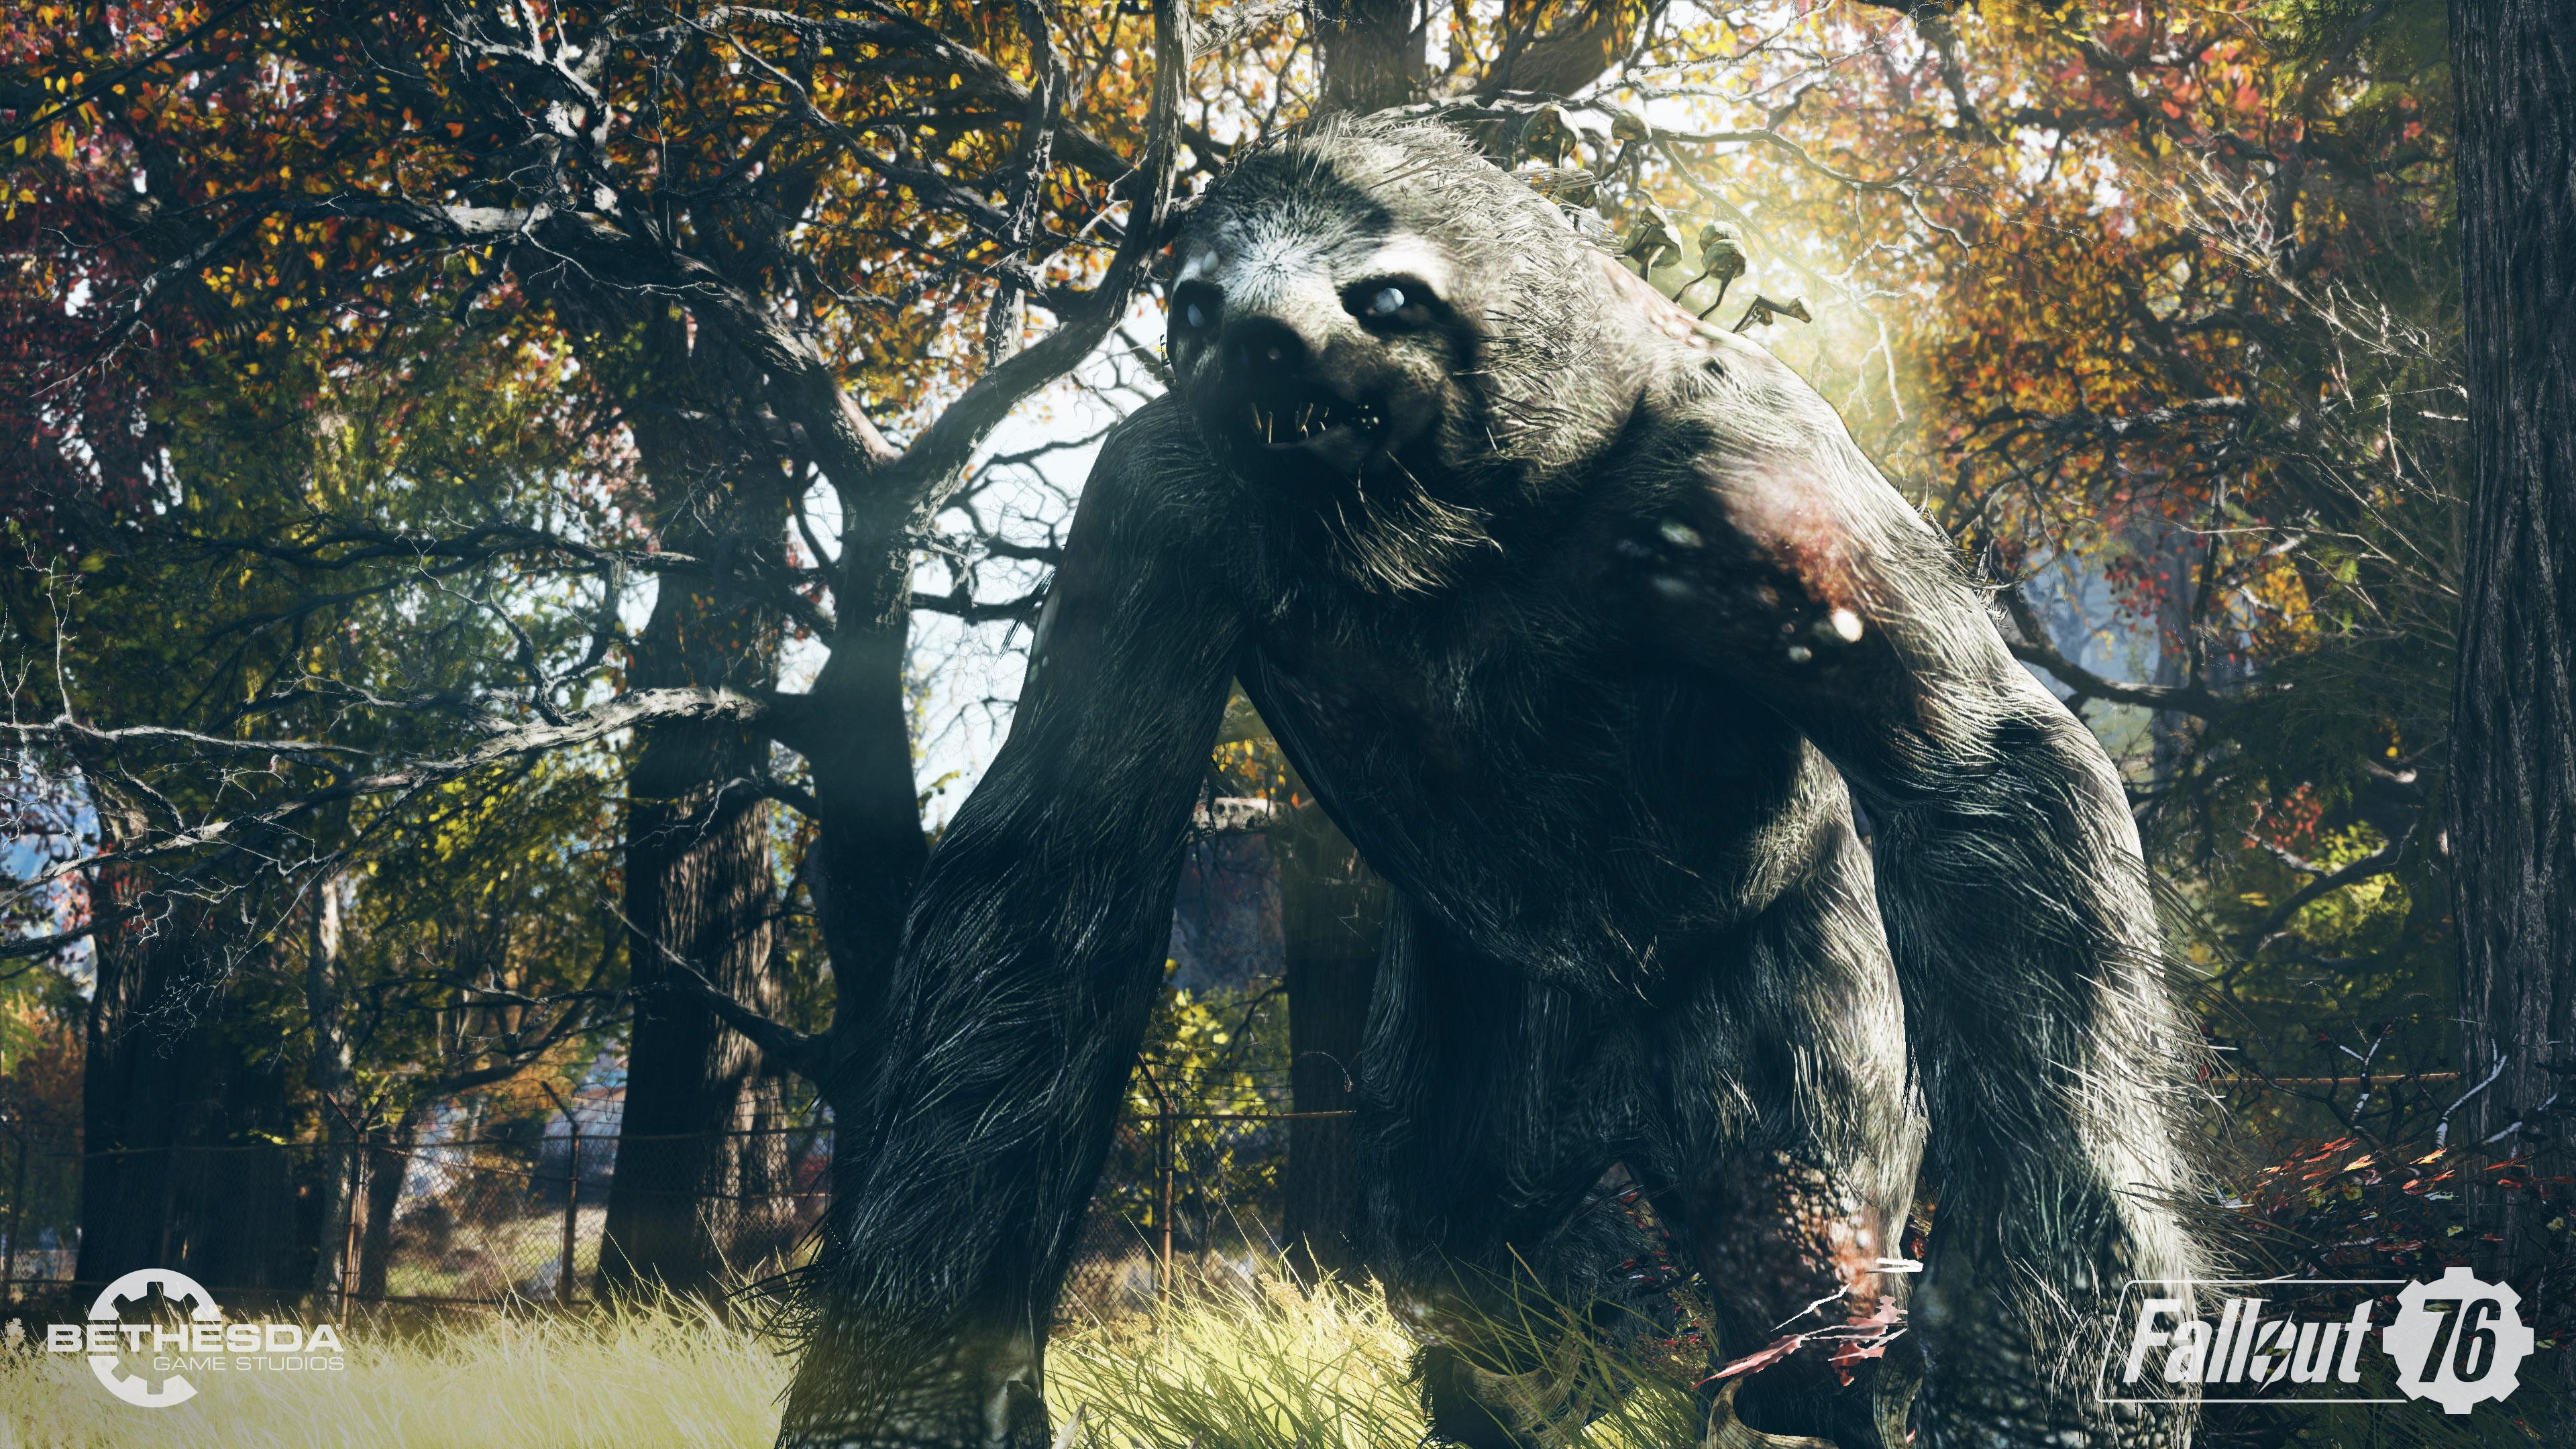 Fallout76_E3_Megasloth.jpg